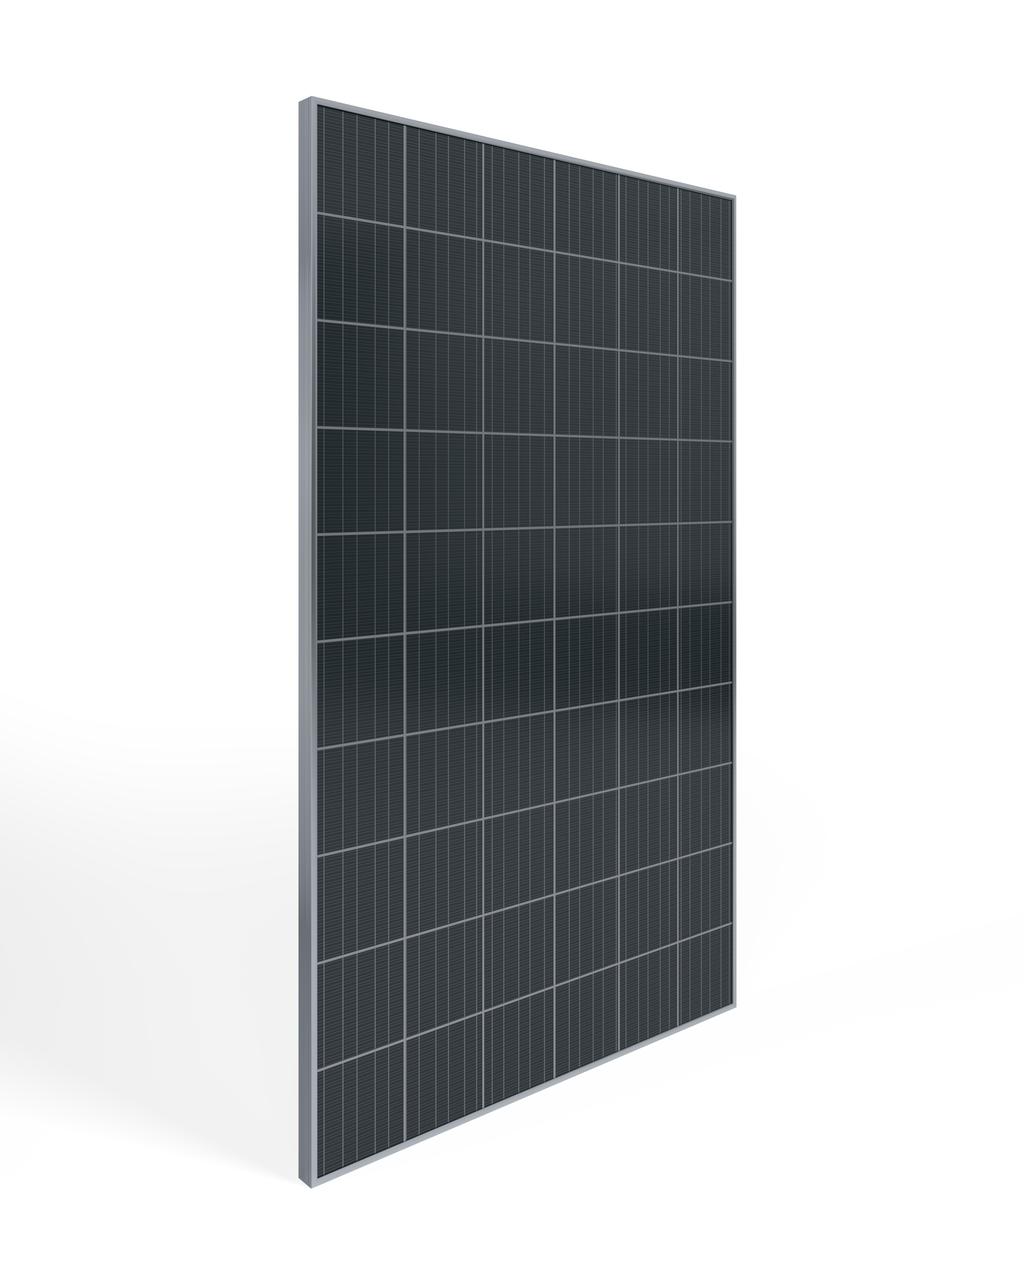 Солнечные панели 335 Вт Моnо Perc